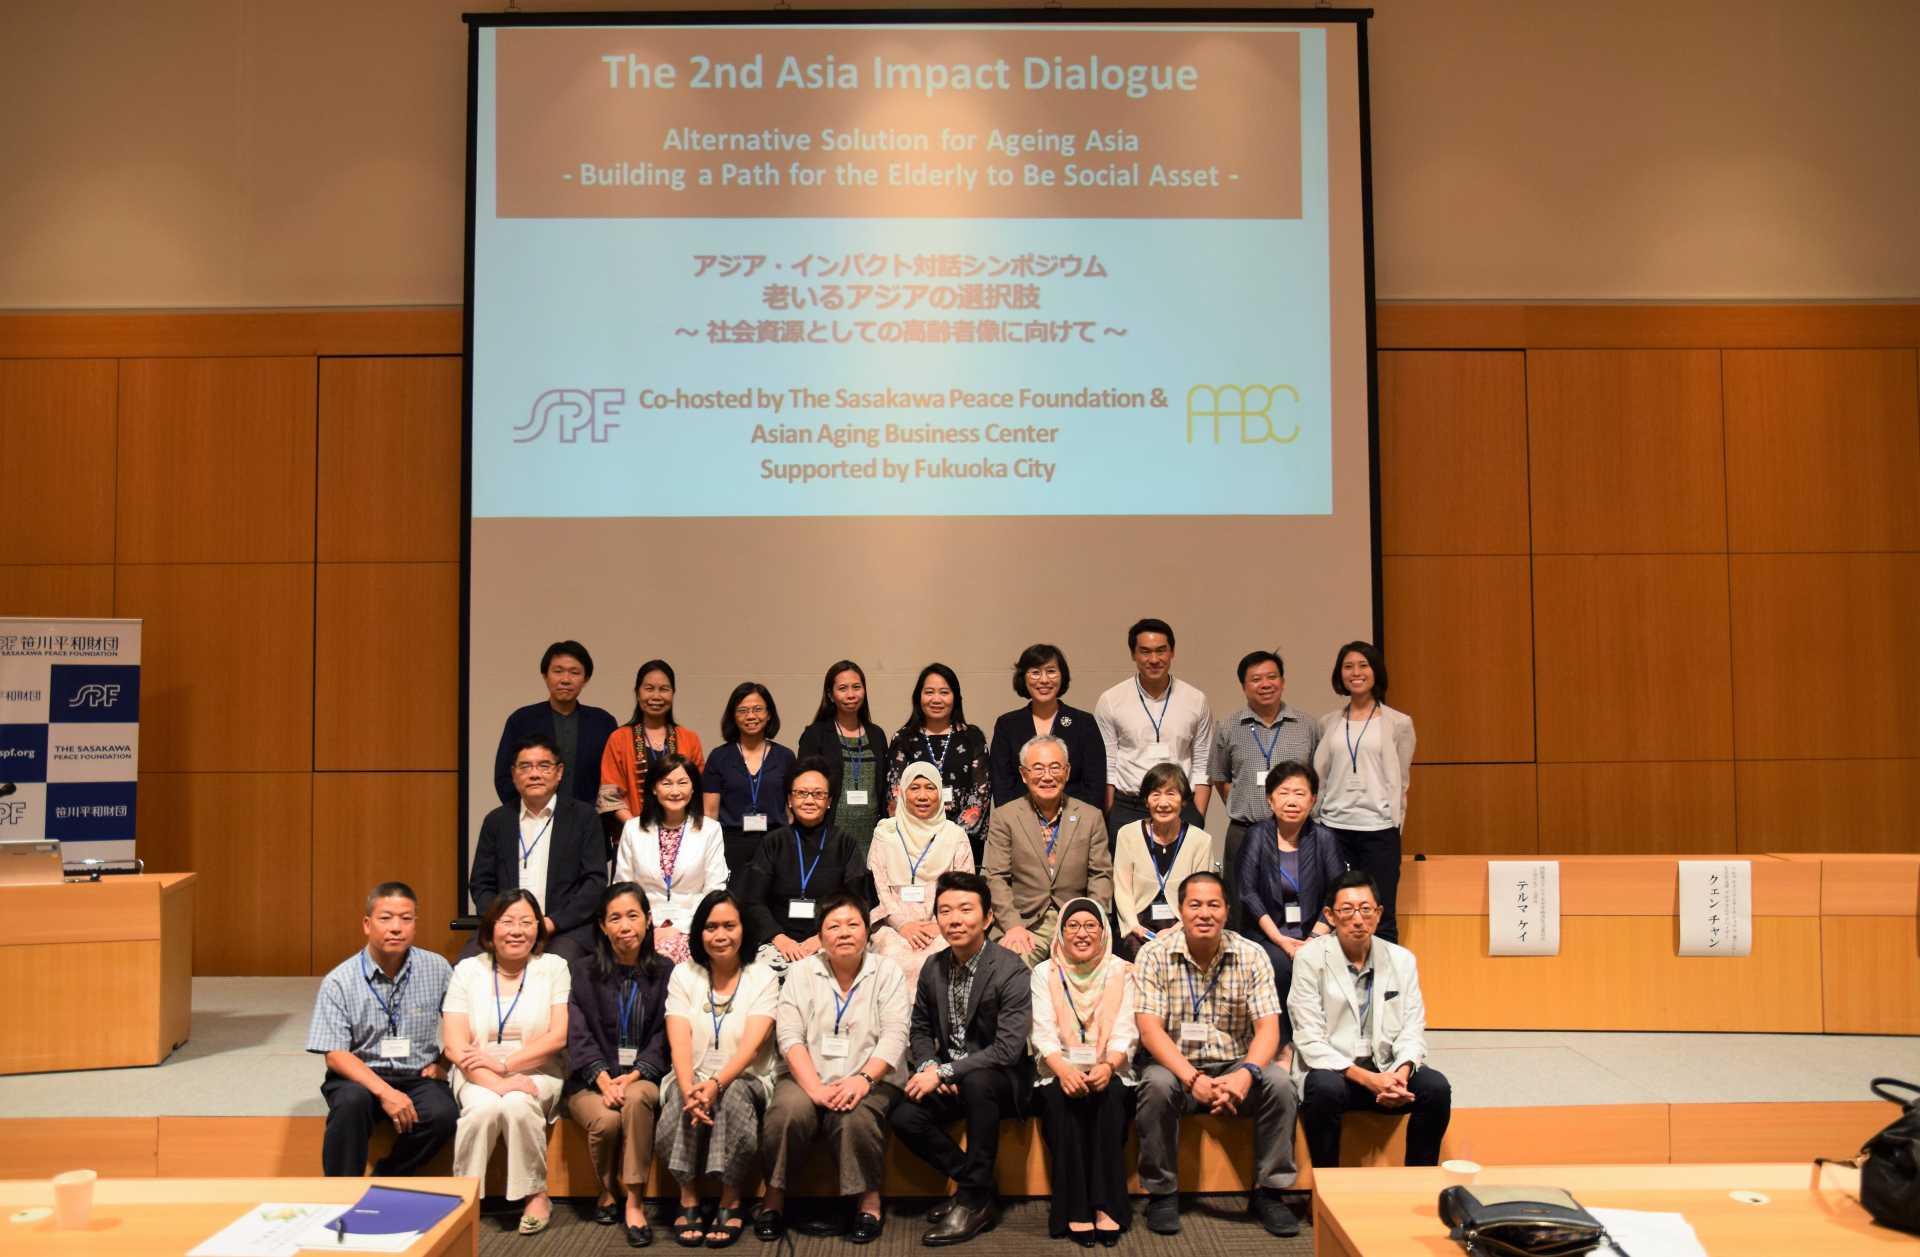 アクティブ・エイジングを考える 福岡で第2回アジア・インパクト対話